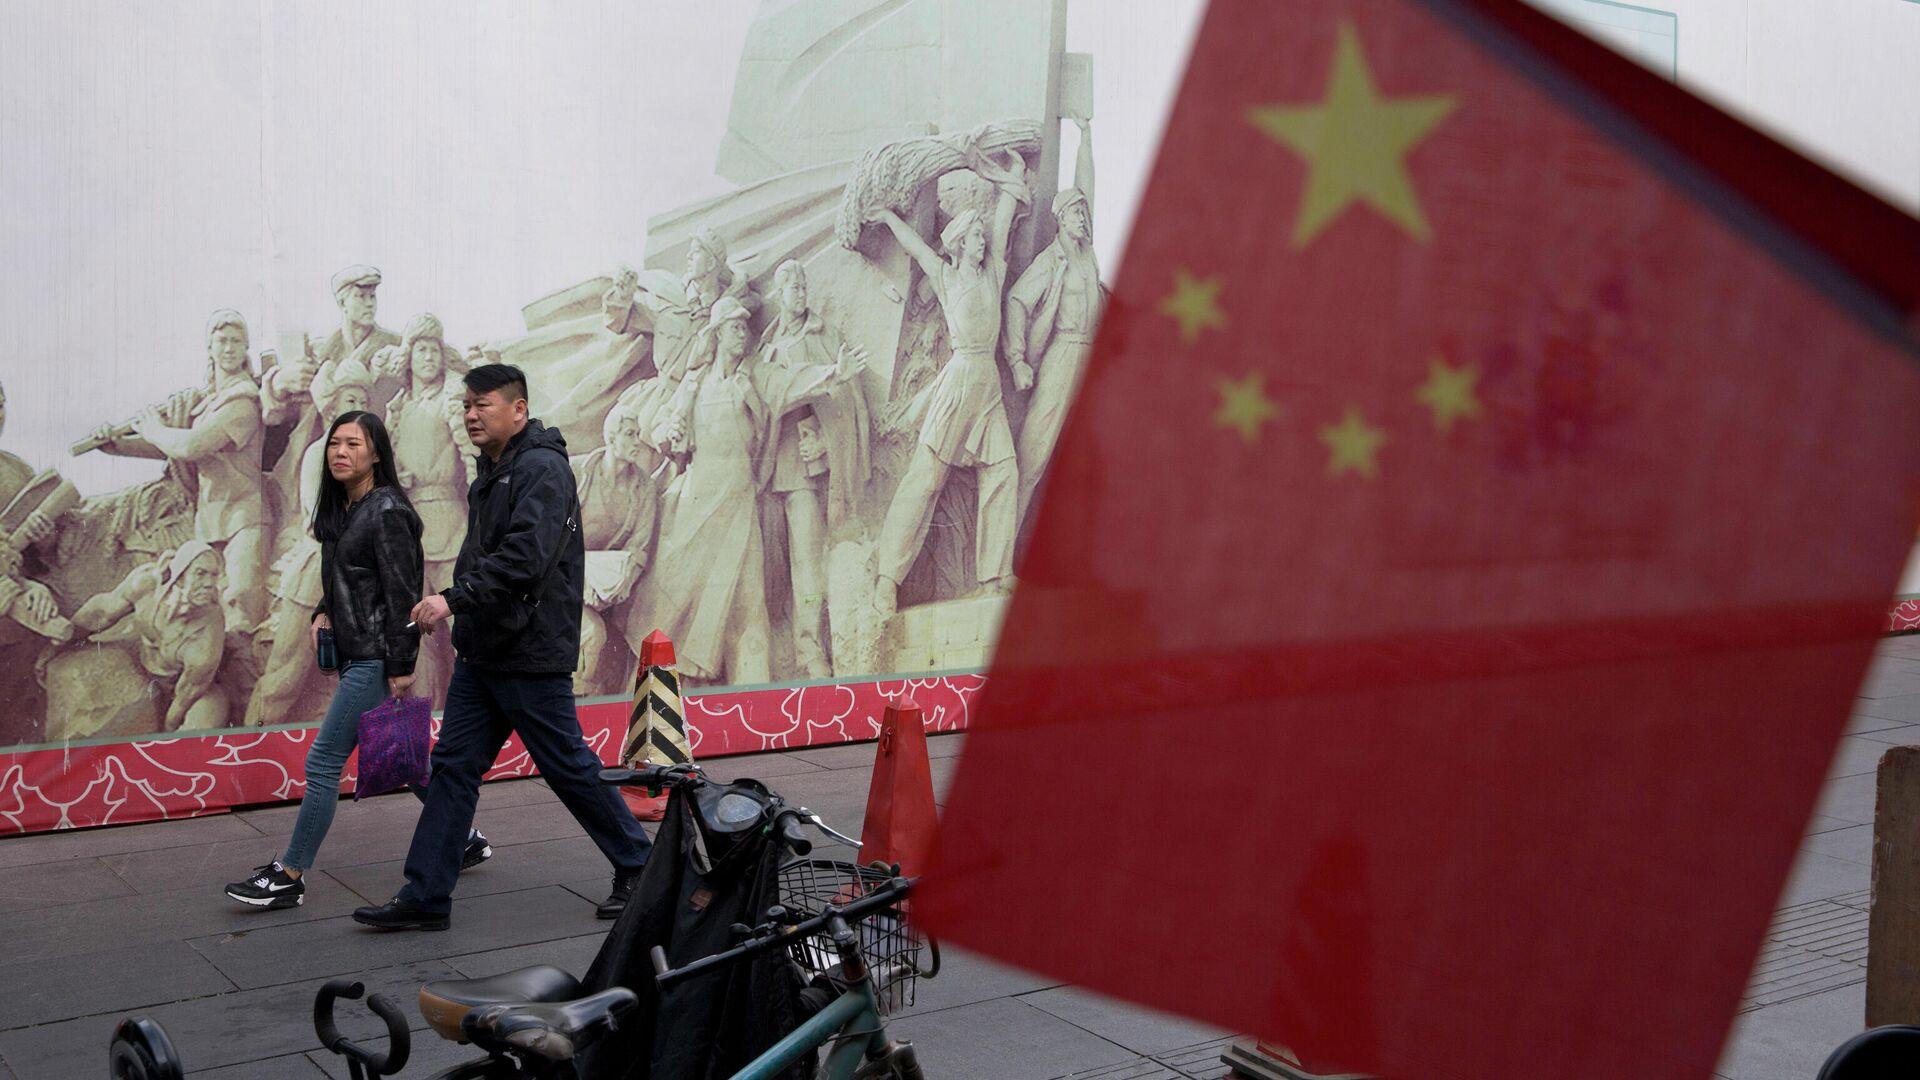 Покупатели в торговом центре в Пекине, КНР - РИА Новости, 1920, 31.10.2020